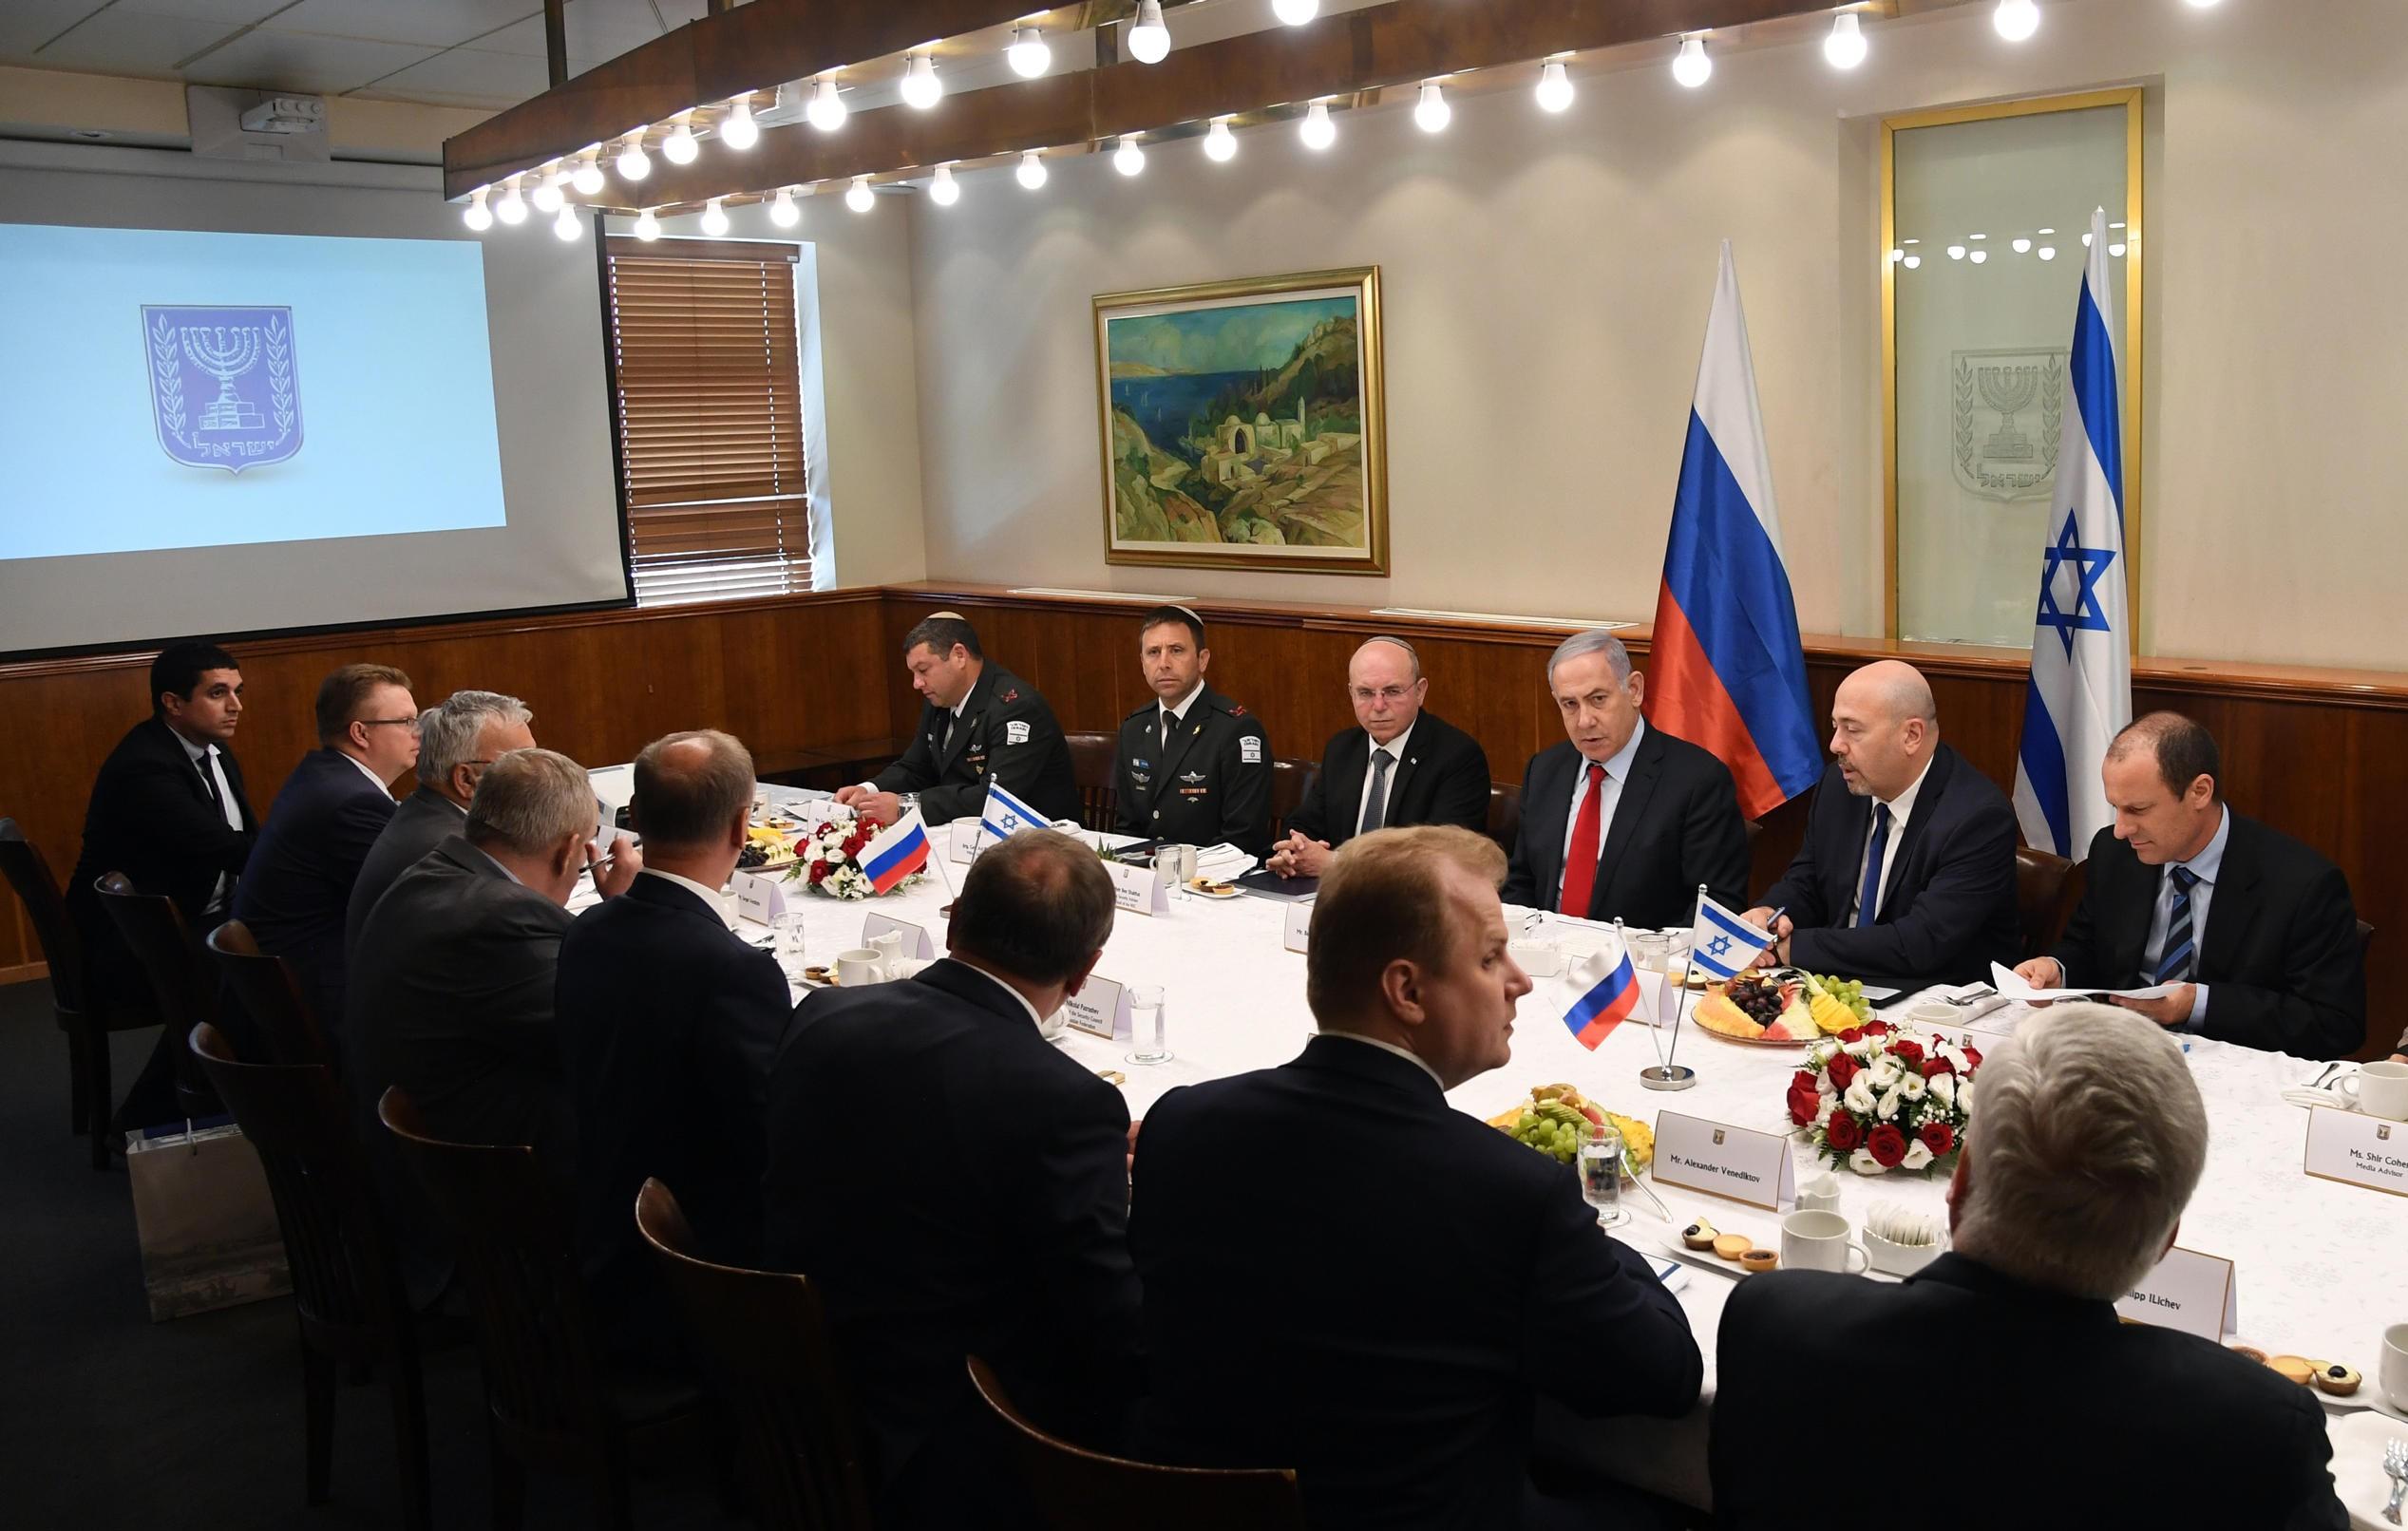 פגישה בין ראש הממשלה וצוותו לפמליה הרוסית בראשות היועץ לביטחון לאומי